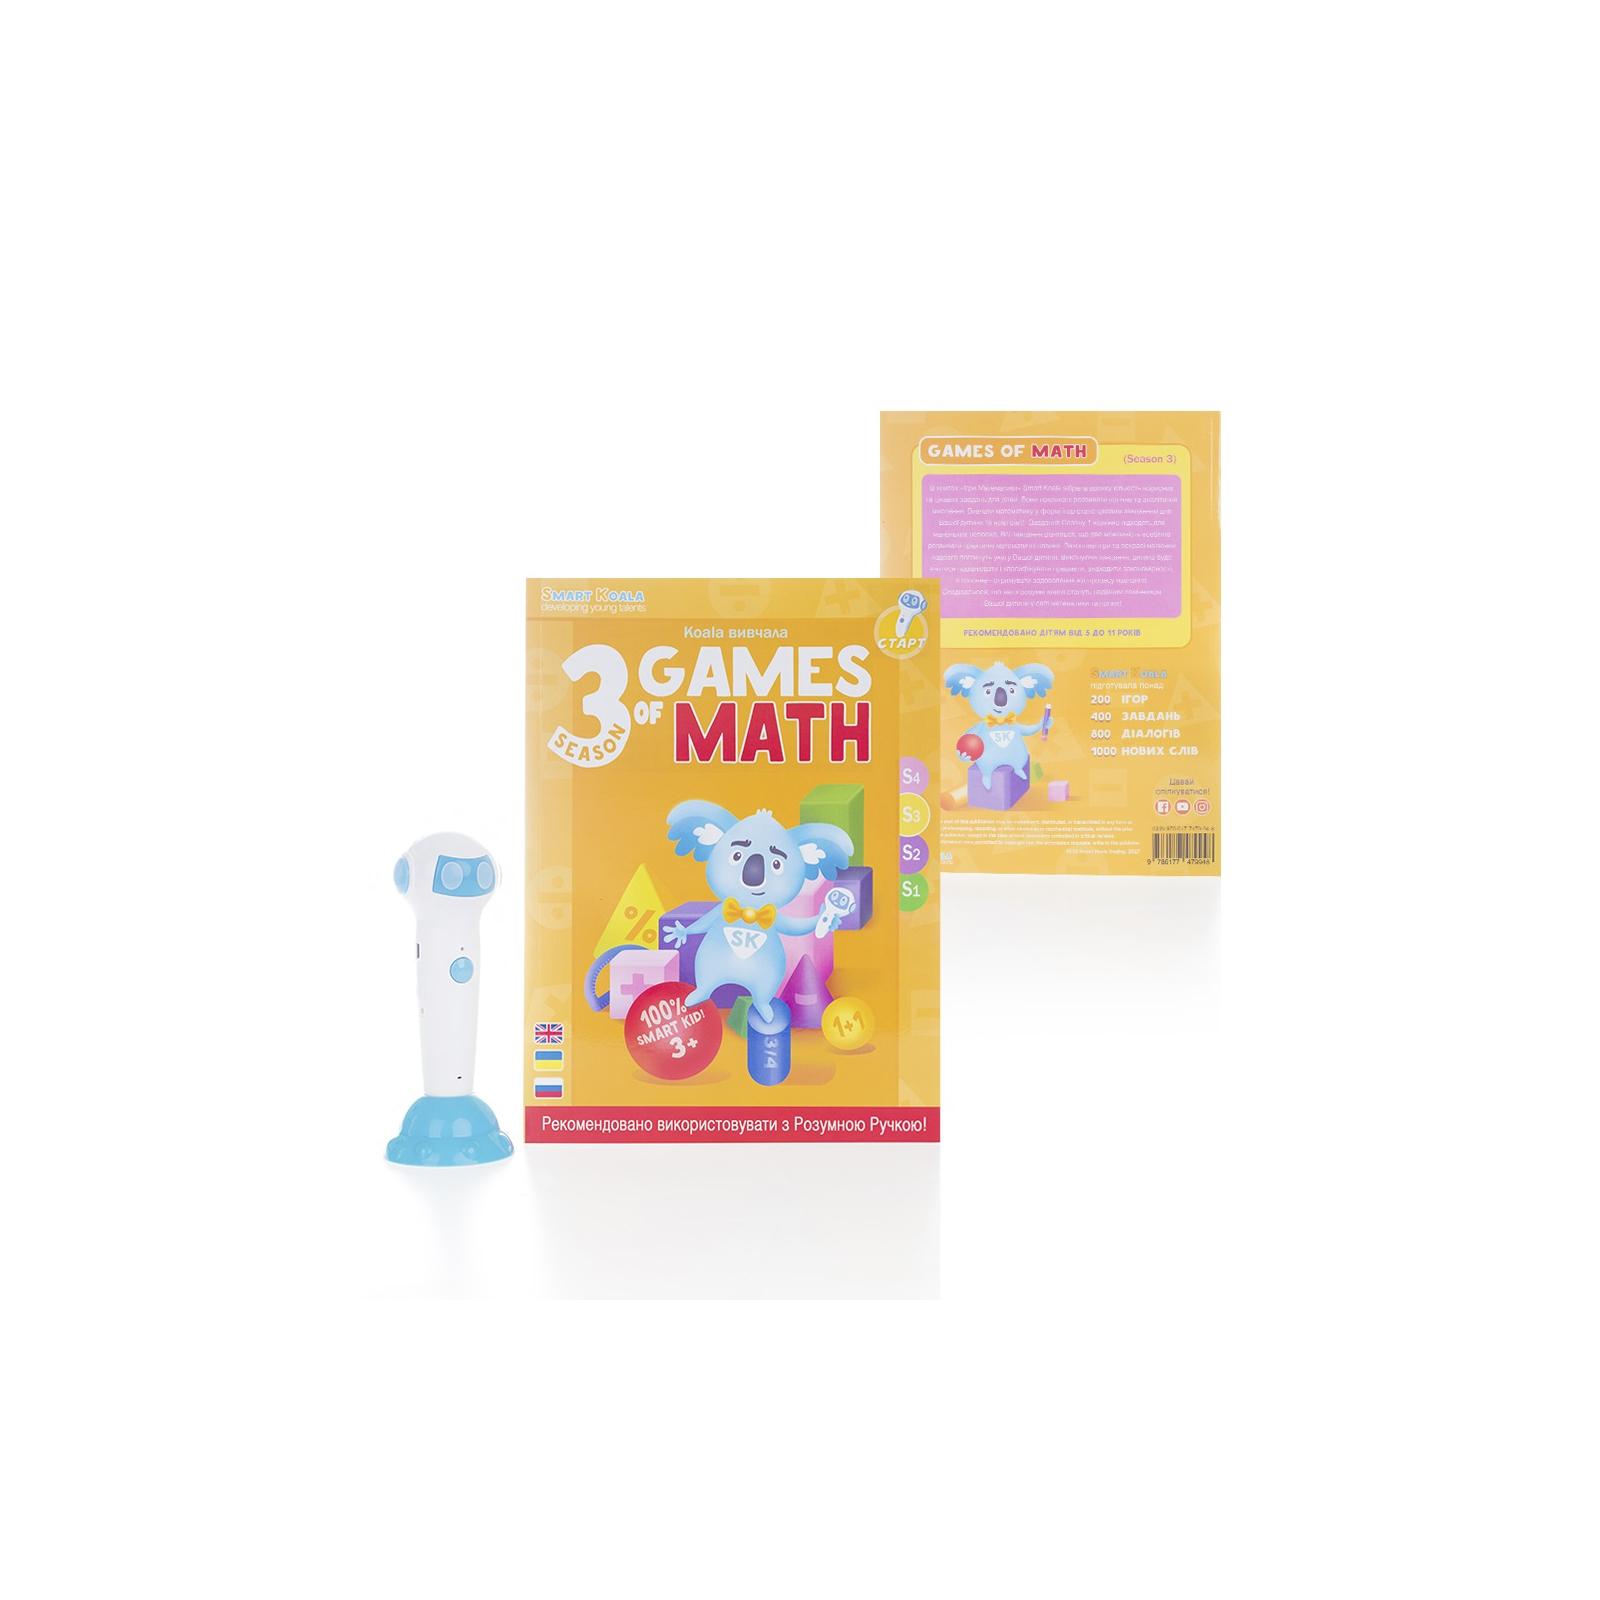 Интерактивная игрушка Smart Koala развивающая книга The Games of Math (Season 3) №3 (SKBGMS3) изображение 2